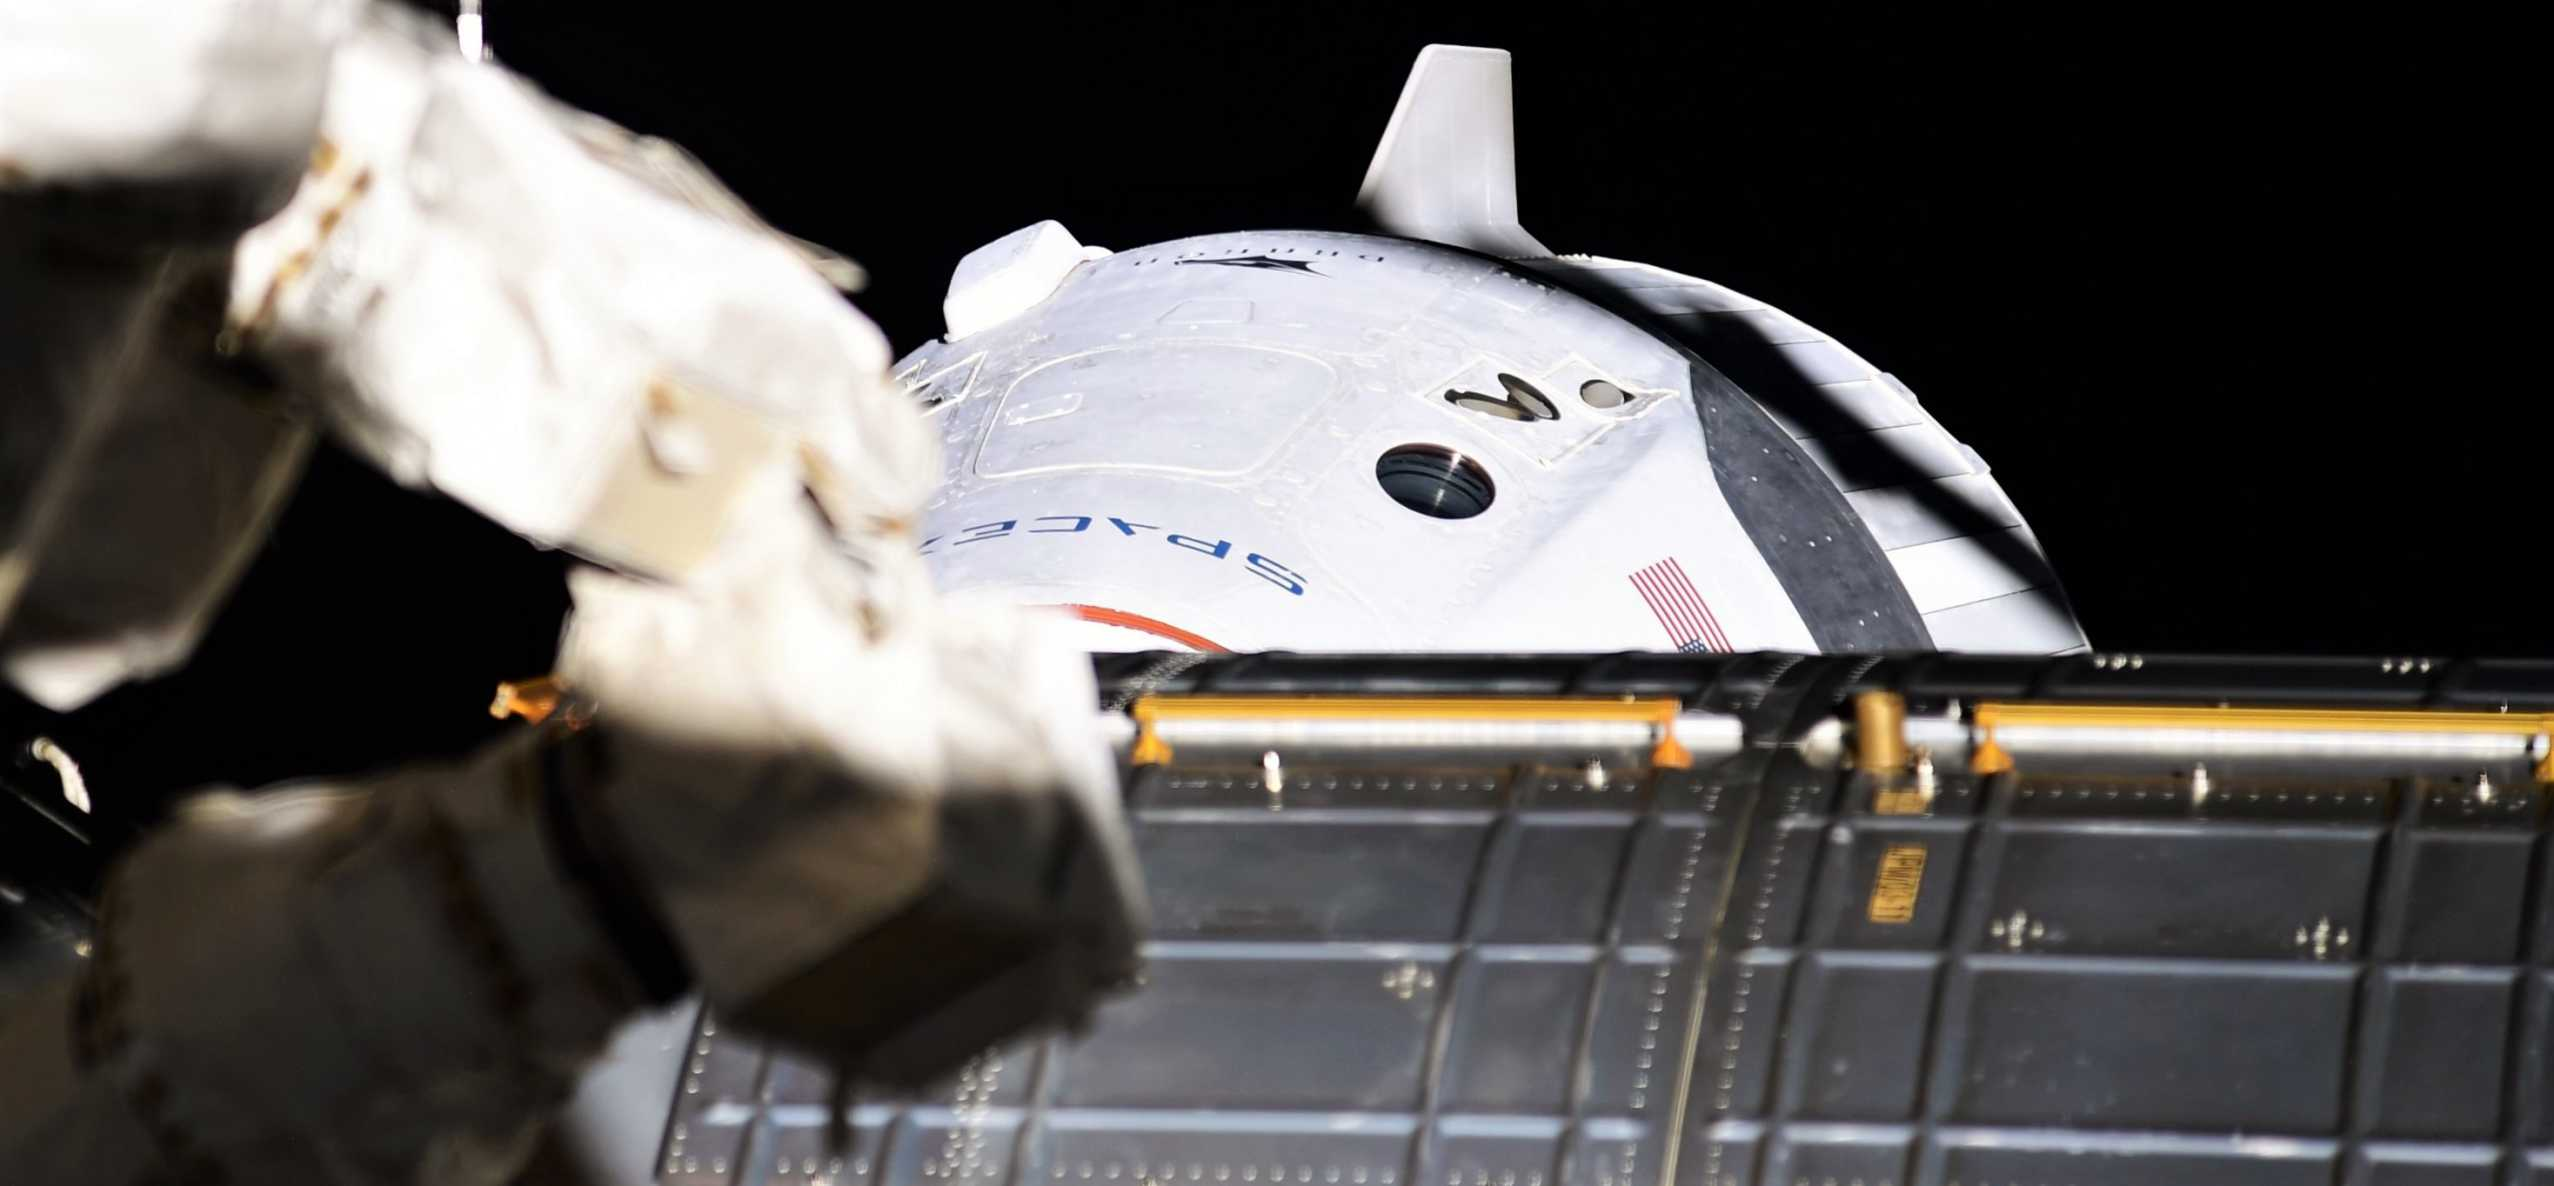 Crew Dragon C206 Demo-2 ISS arrival 053120 (Ivan Vagner) 1 crop (c)